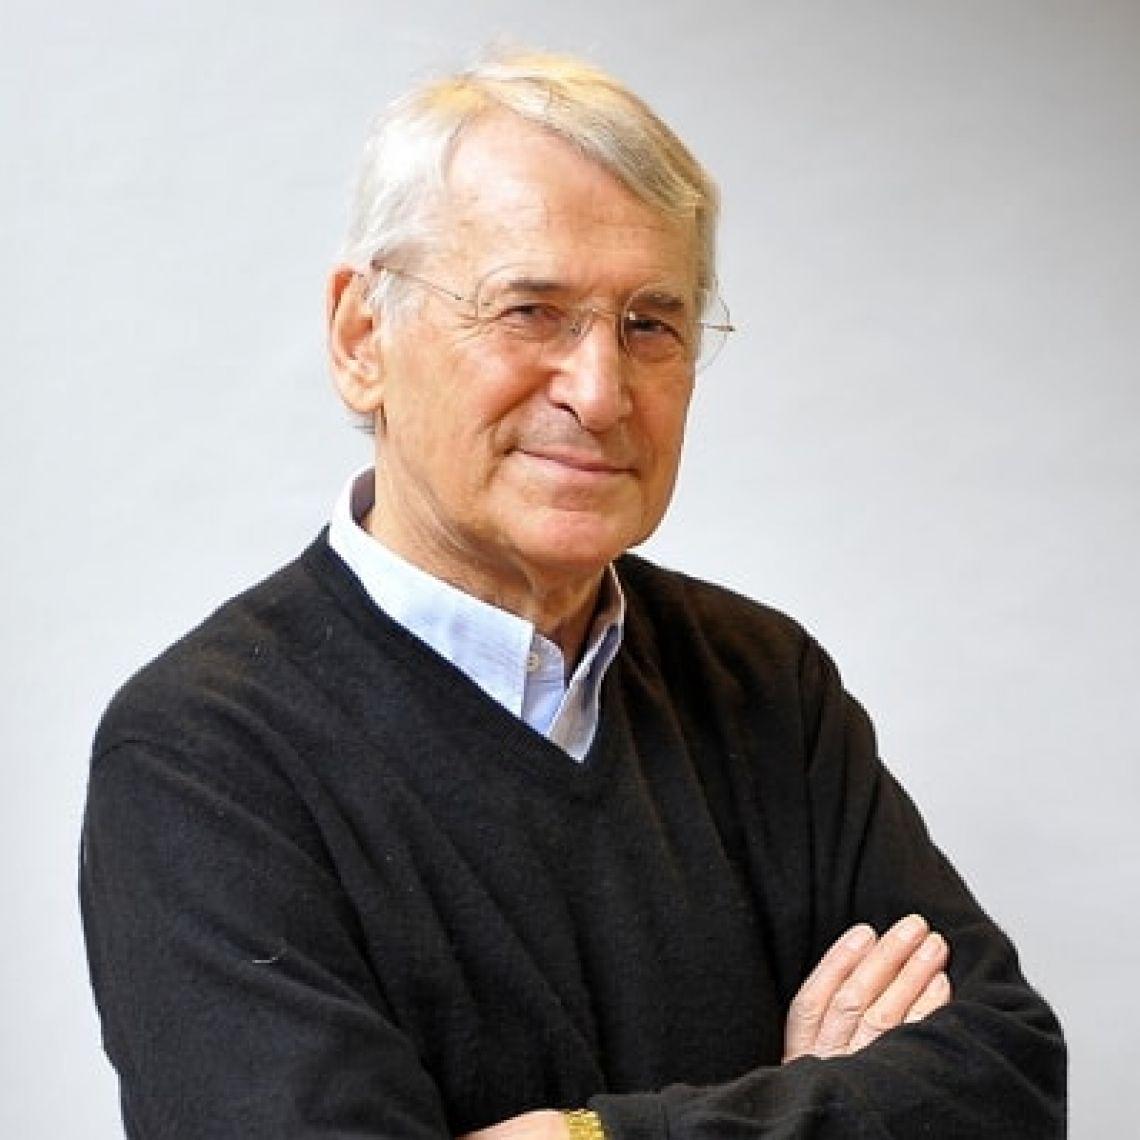 Manfred-Kets-de-Vries-speaker-min